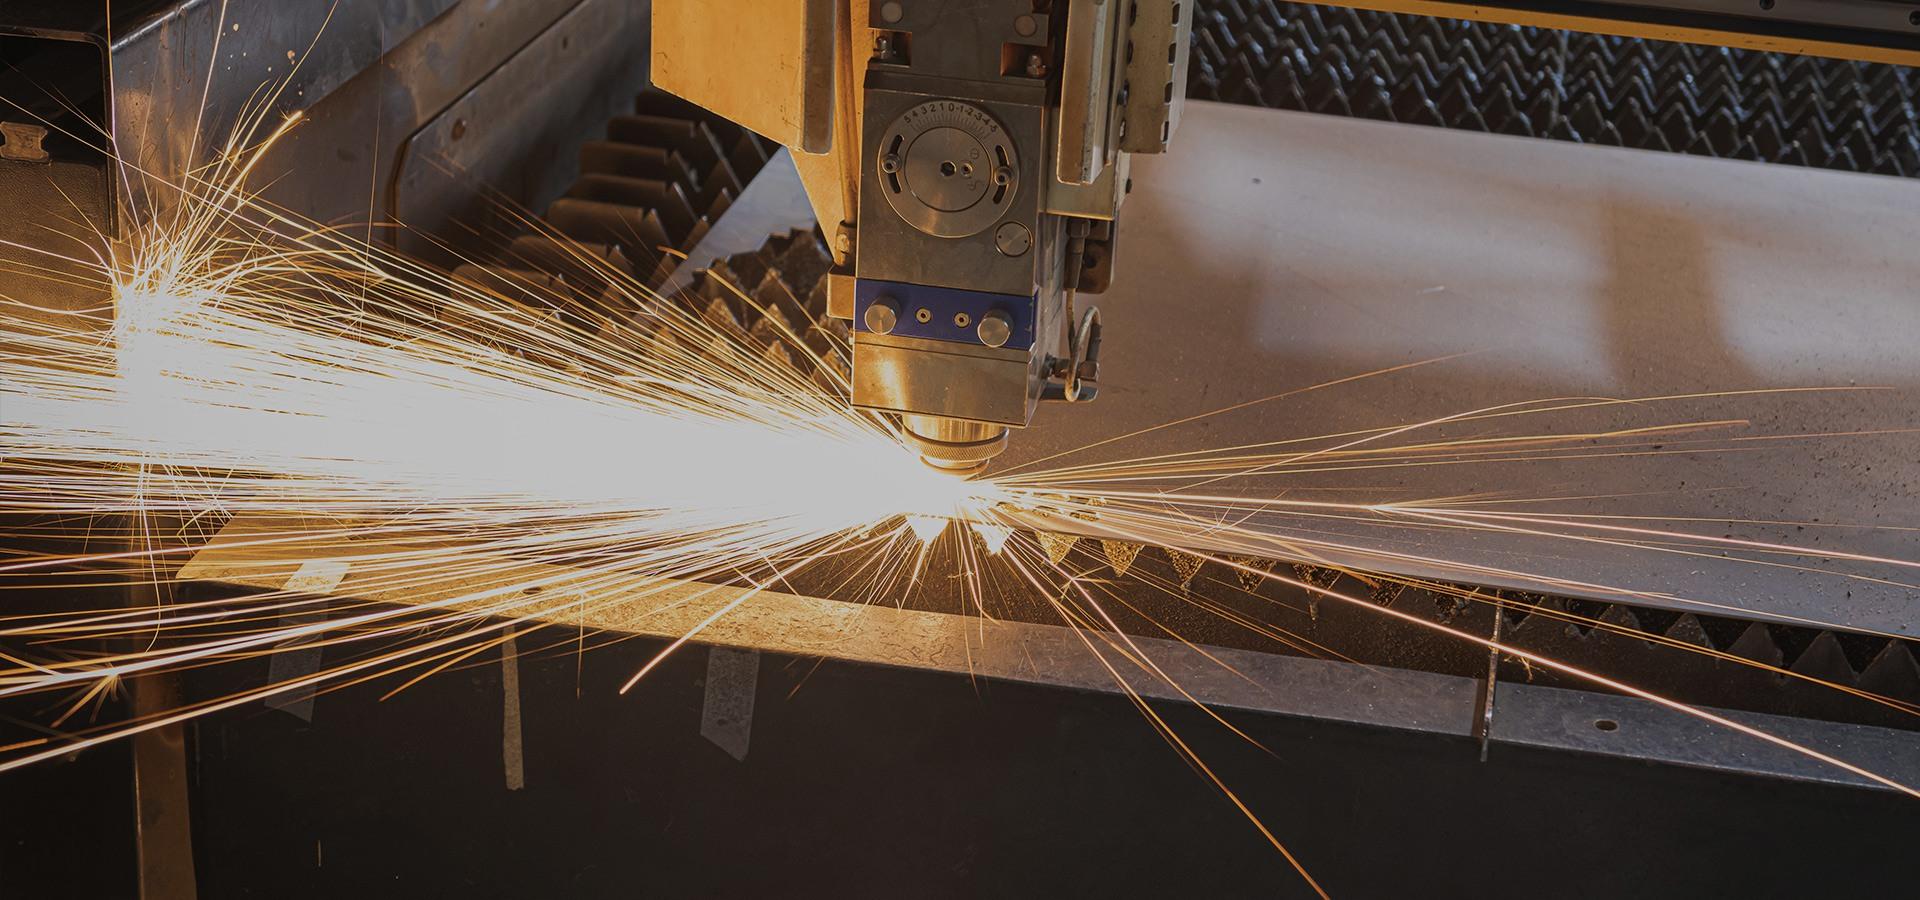 Servicio de Corte Laser y Router CNC en Arteaga